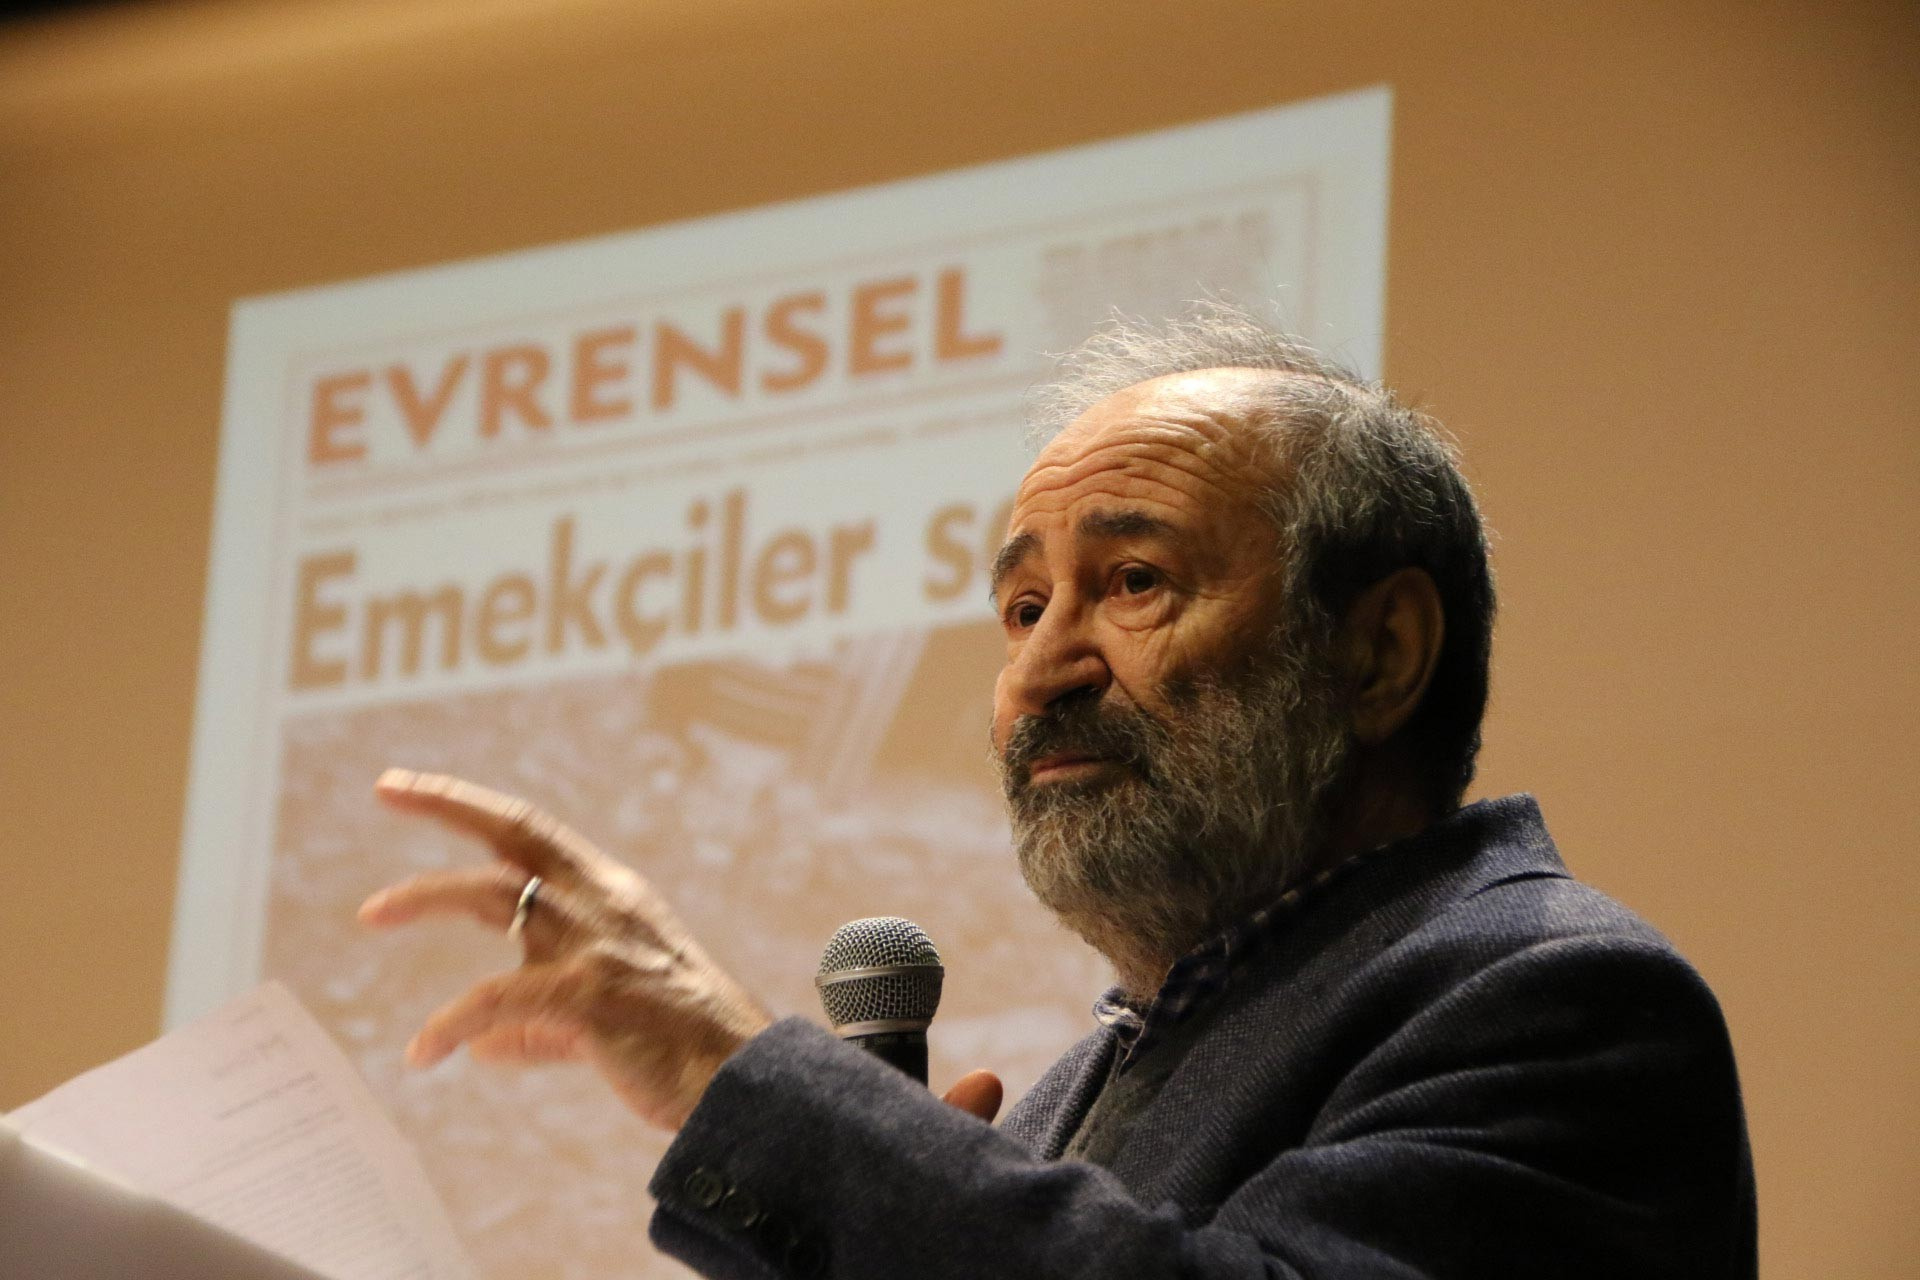 Evrensel Yazarı Hüsnü Öndül, Ankara'da düzenlenen Evrensel ile dayanışma etkinliğinde konuşmasını yaparken